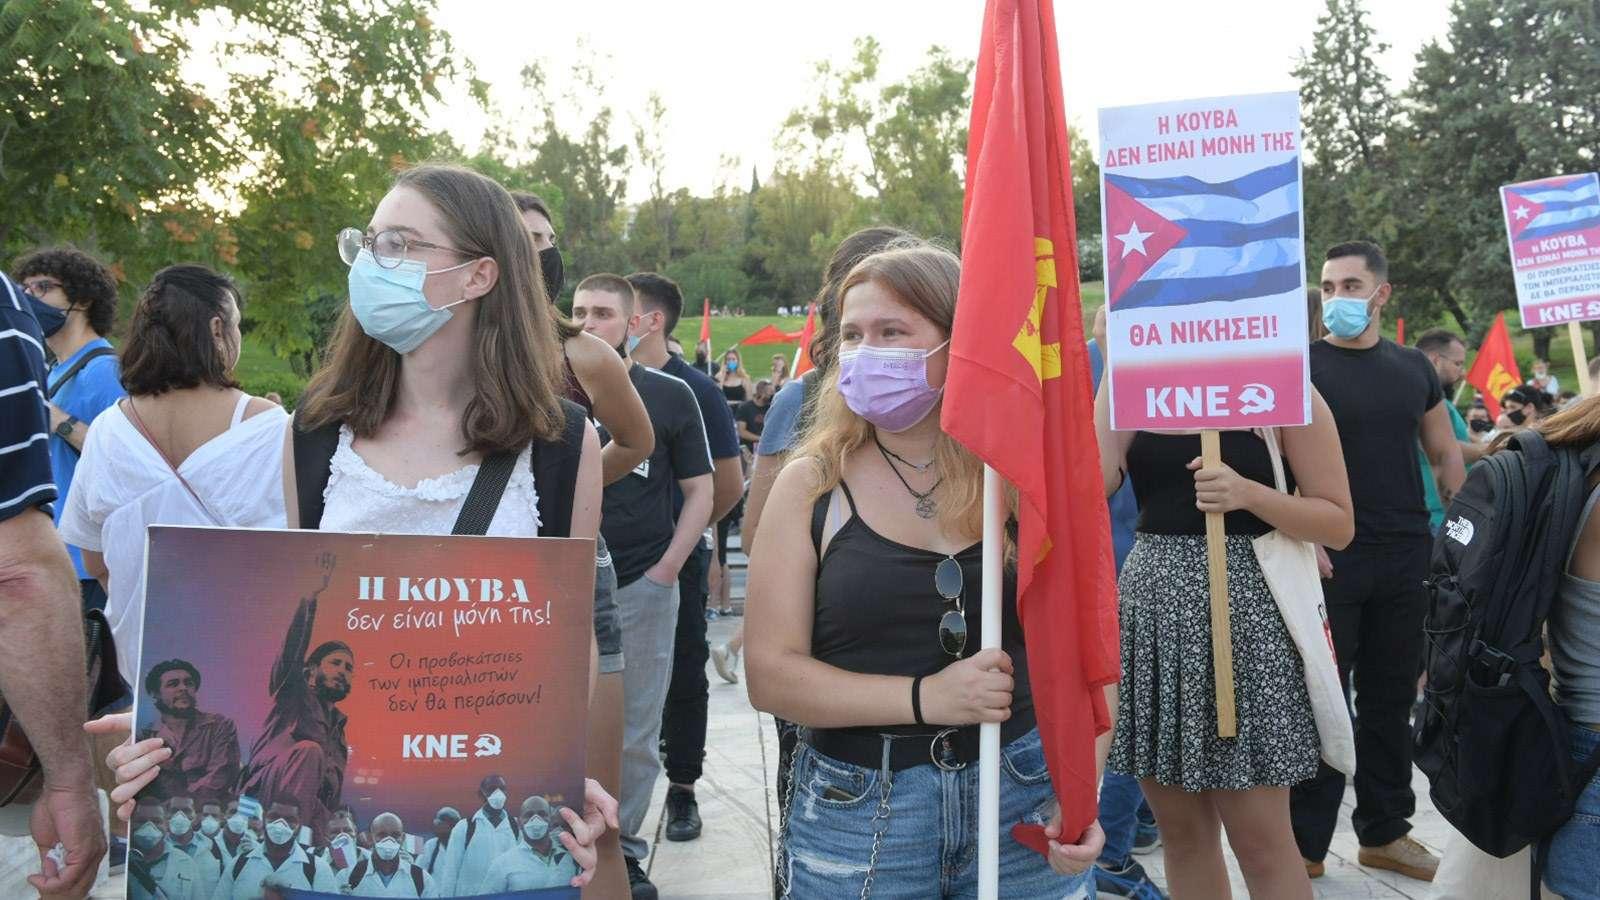 ΚΝΕ Σταματήστε τον αποκλεισμό- αφήστε την Κούβα να αναπνεύσει